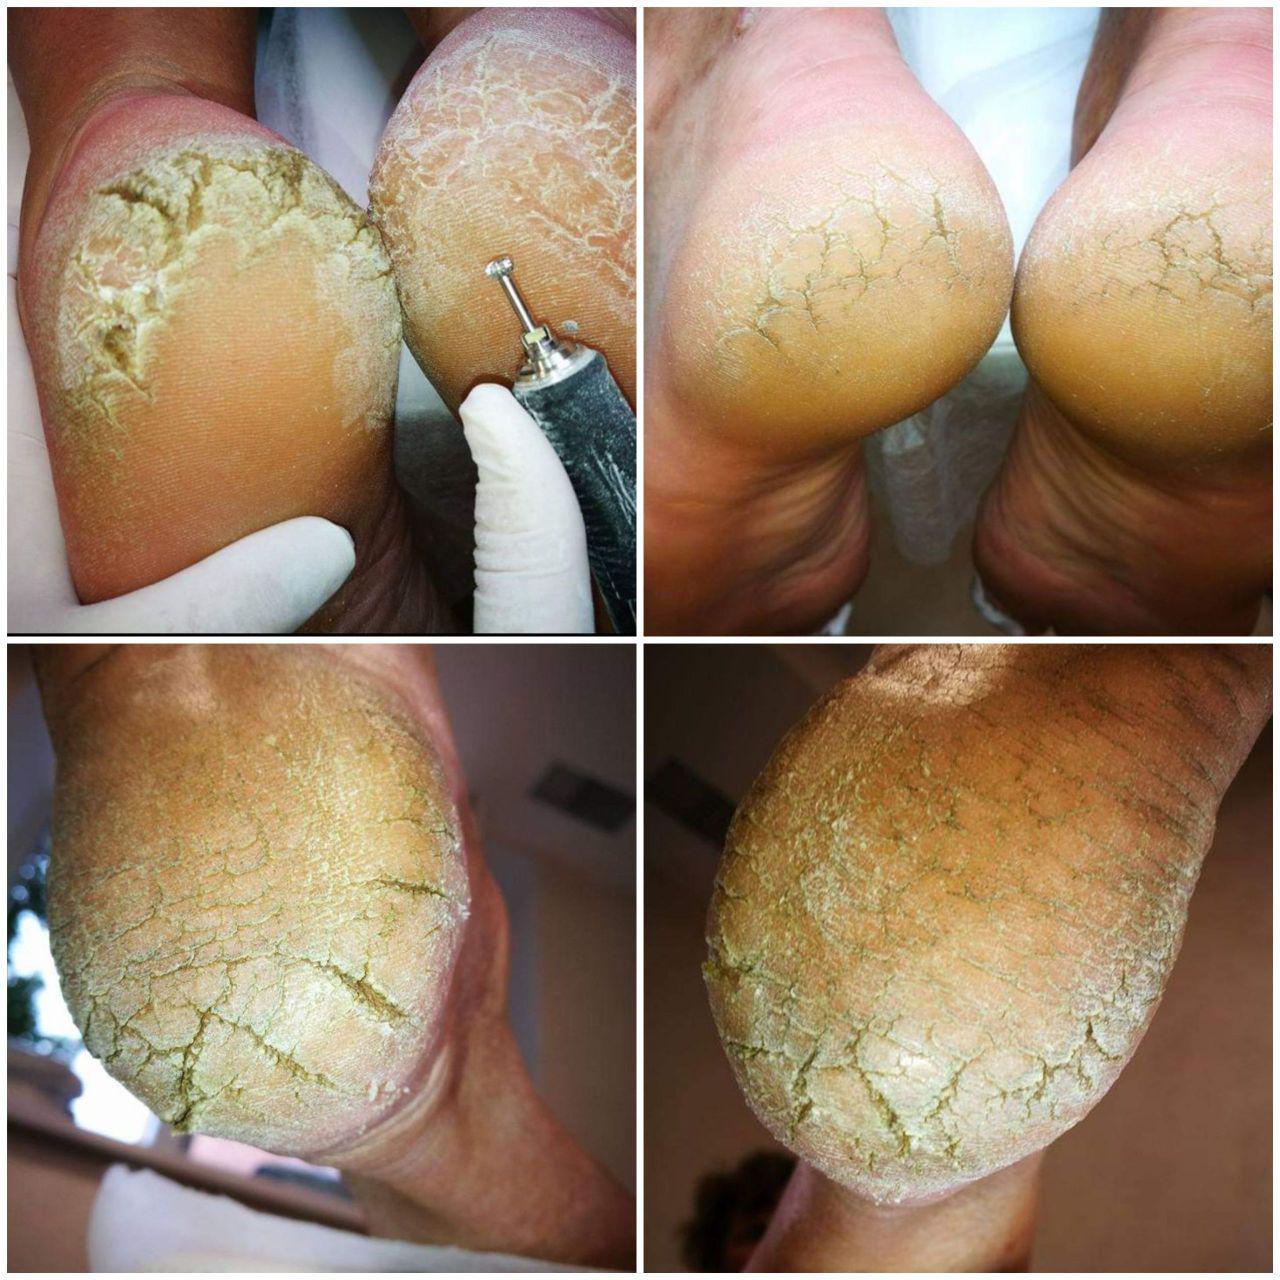 Услуга Гиперкератоз (лечение трещин и мозолей), фото до/после